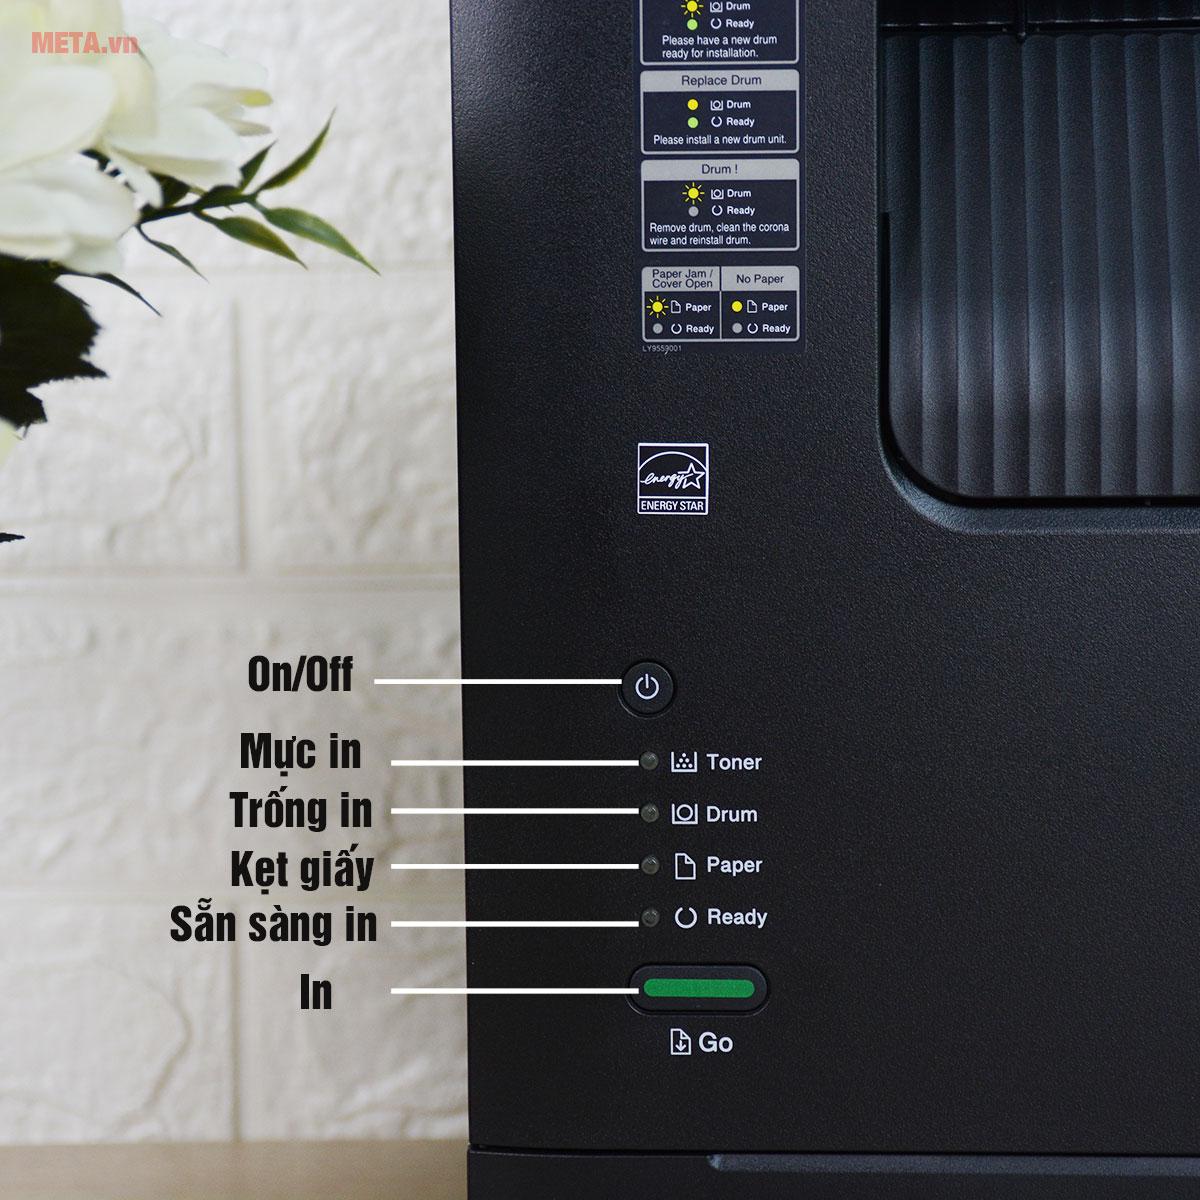 Đèn báo trên máy in